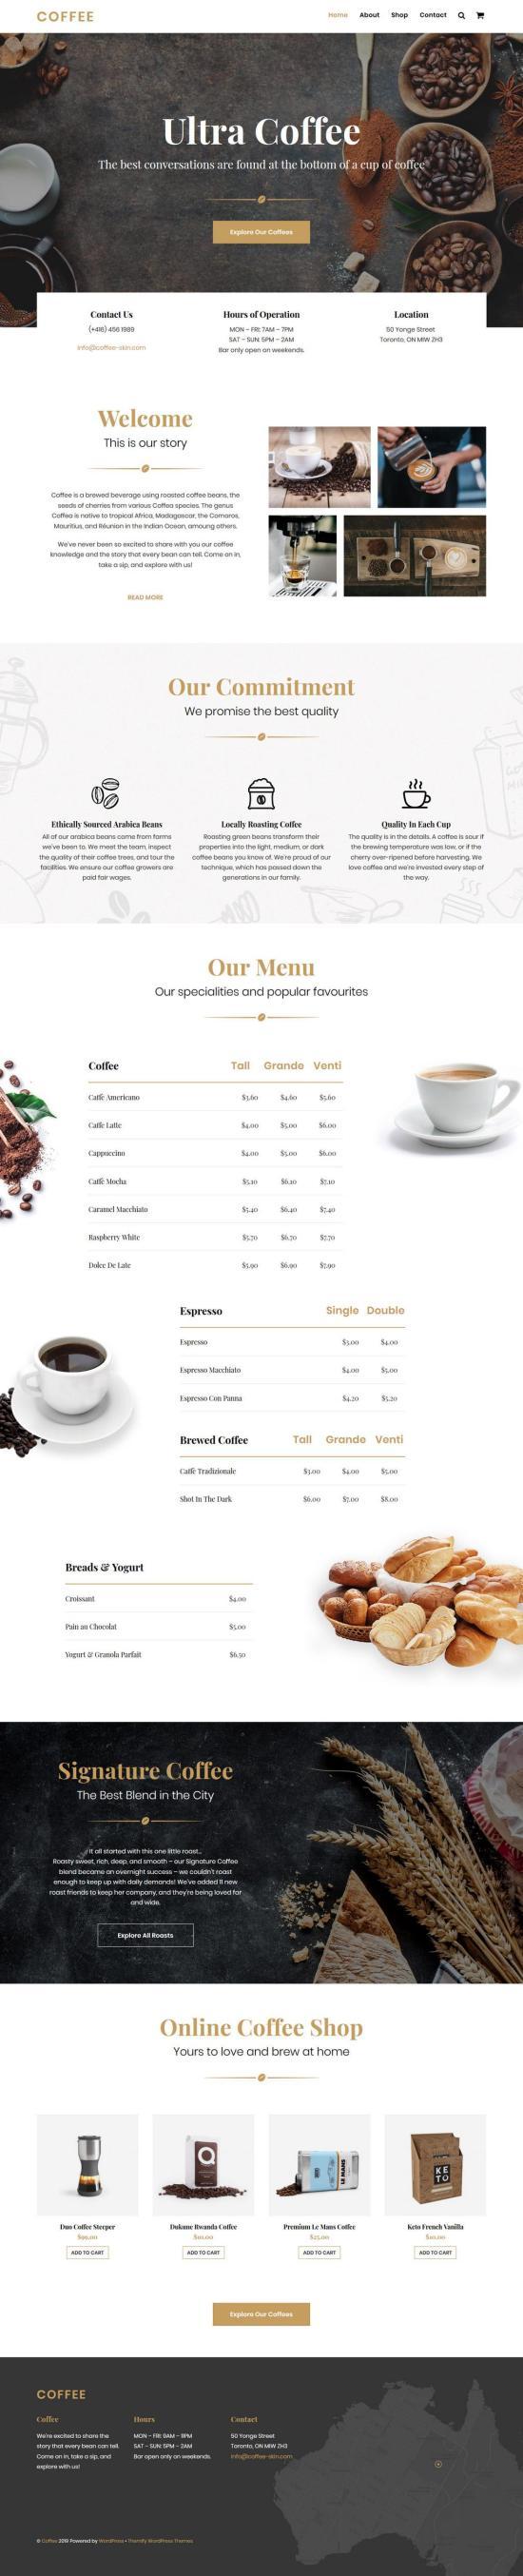 ultra coffee wordpress theme 01 - Ultra Coffee WordPress Theme